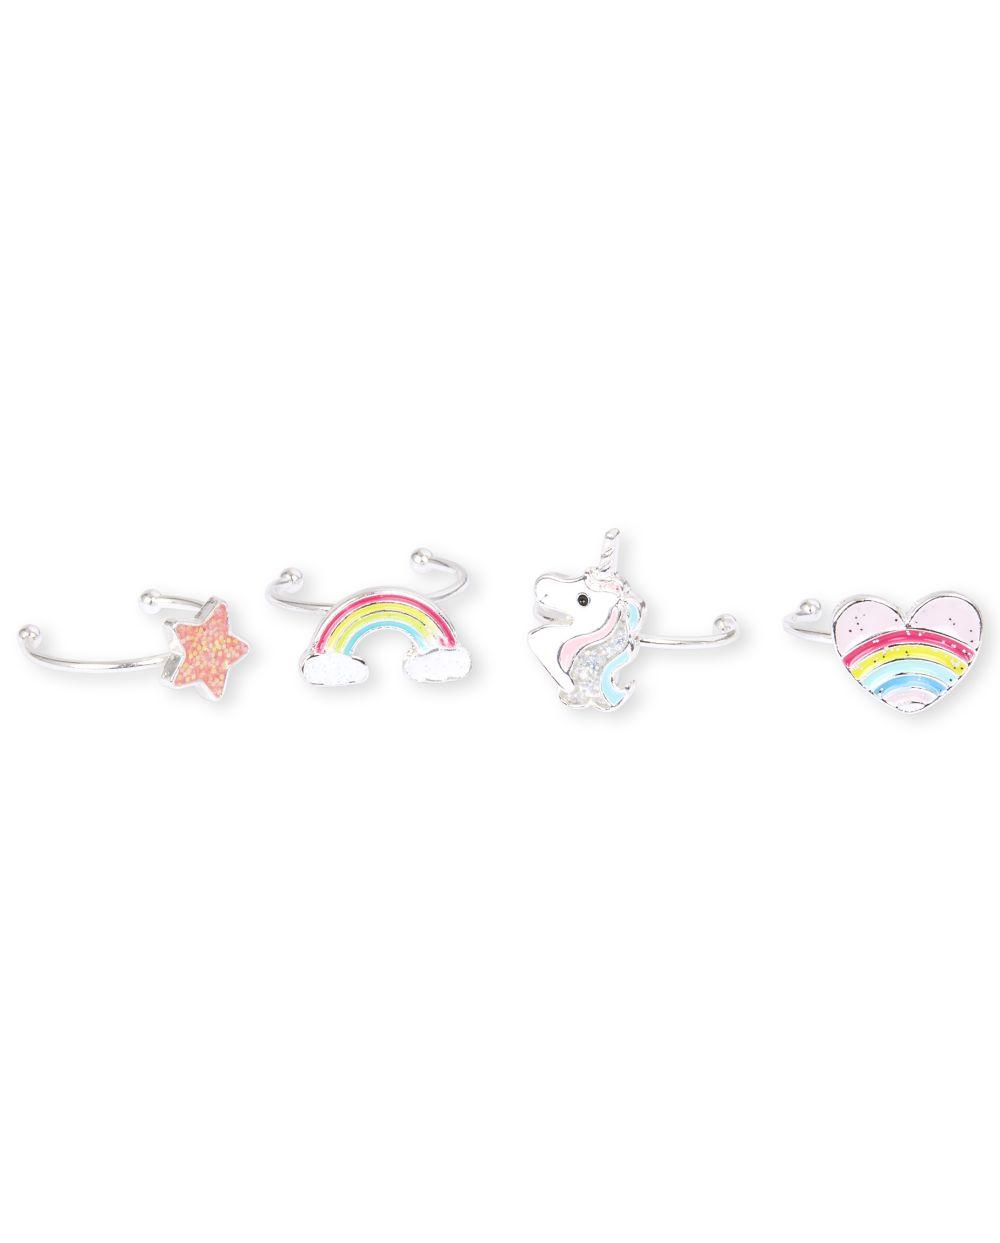 Anillo de arcoiris para niñas, paquete de 4